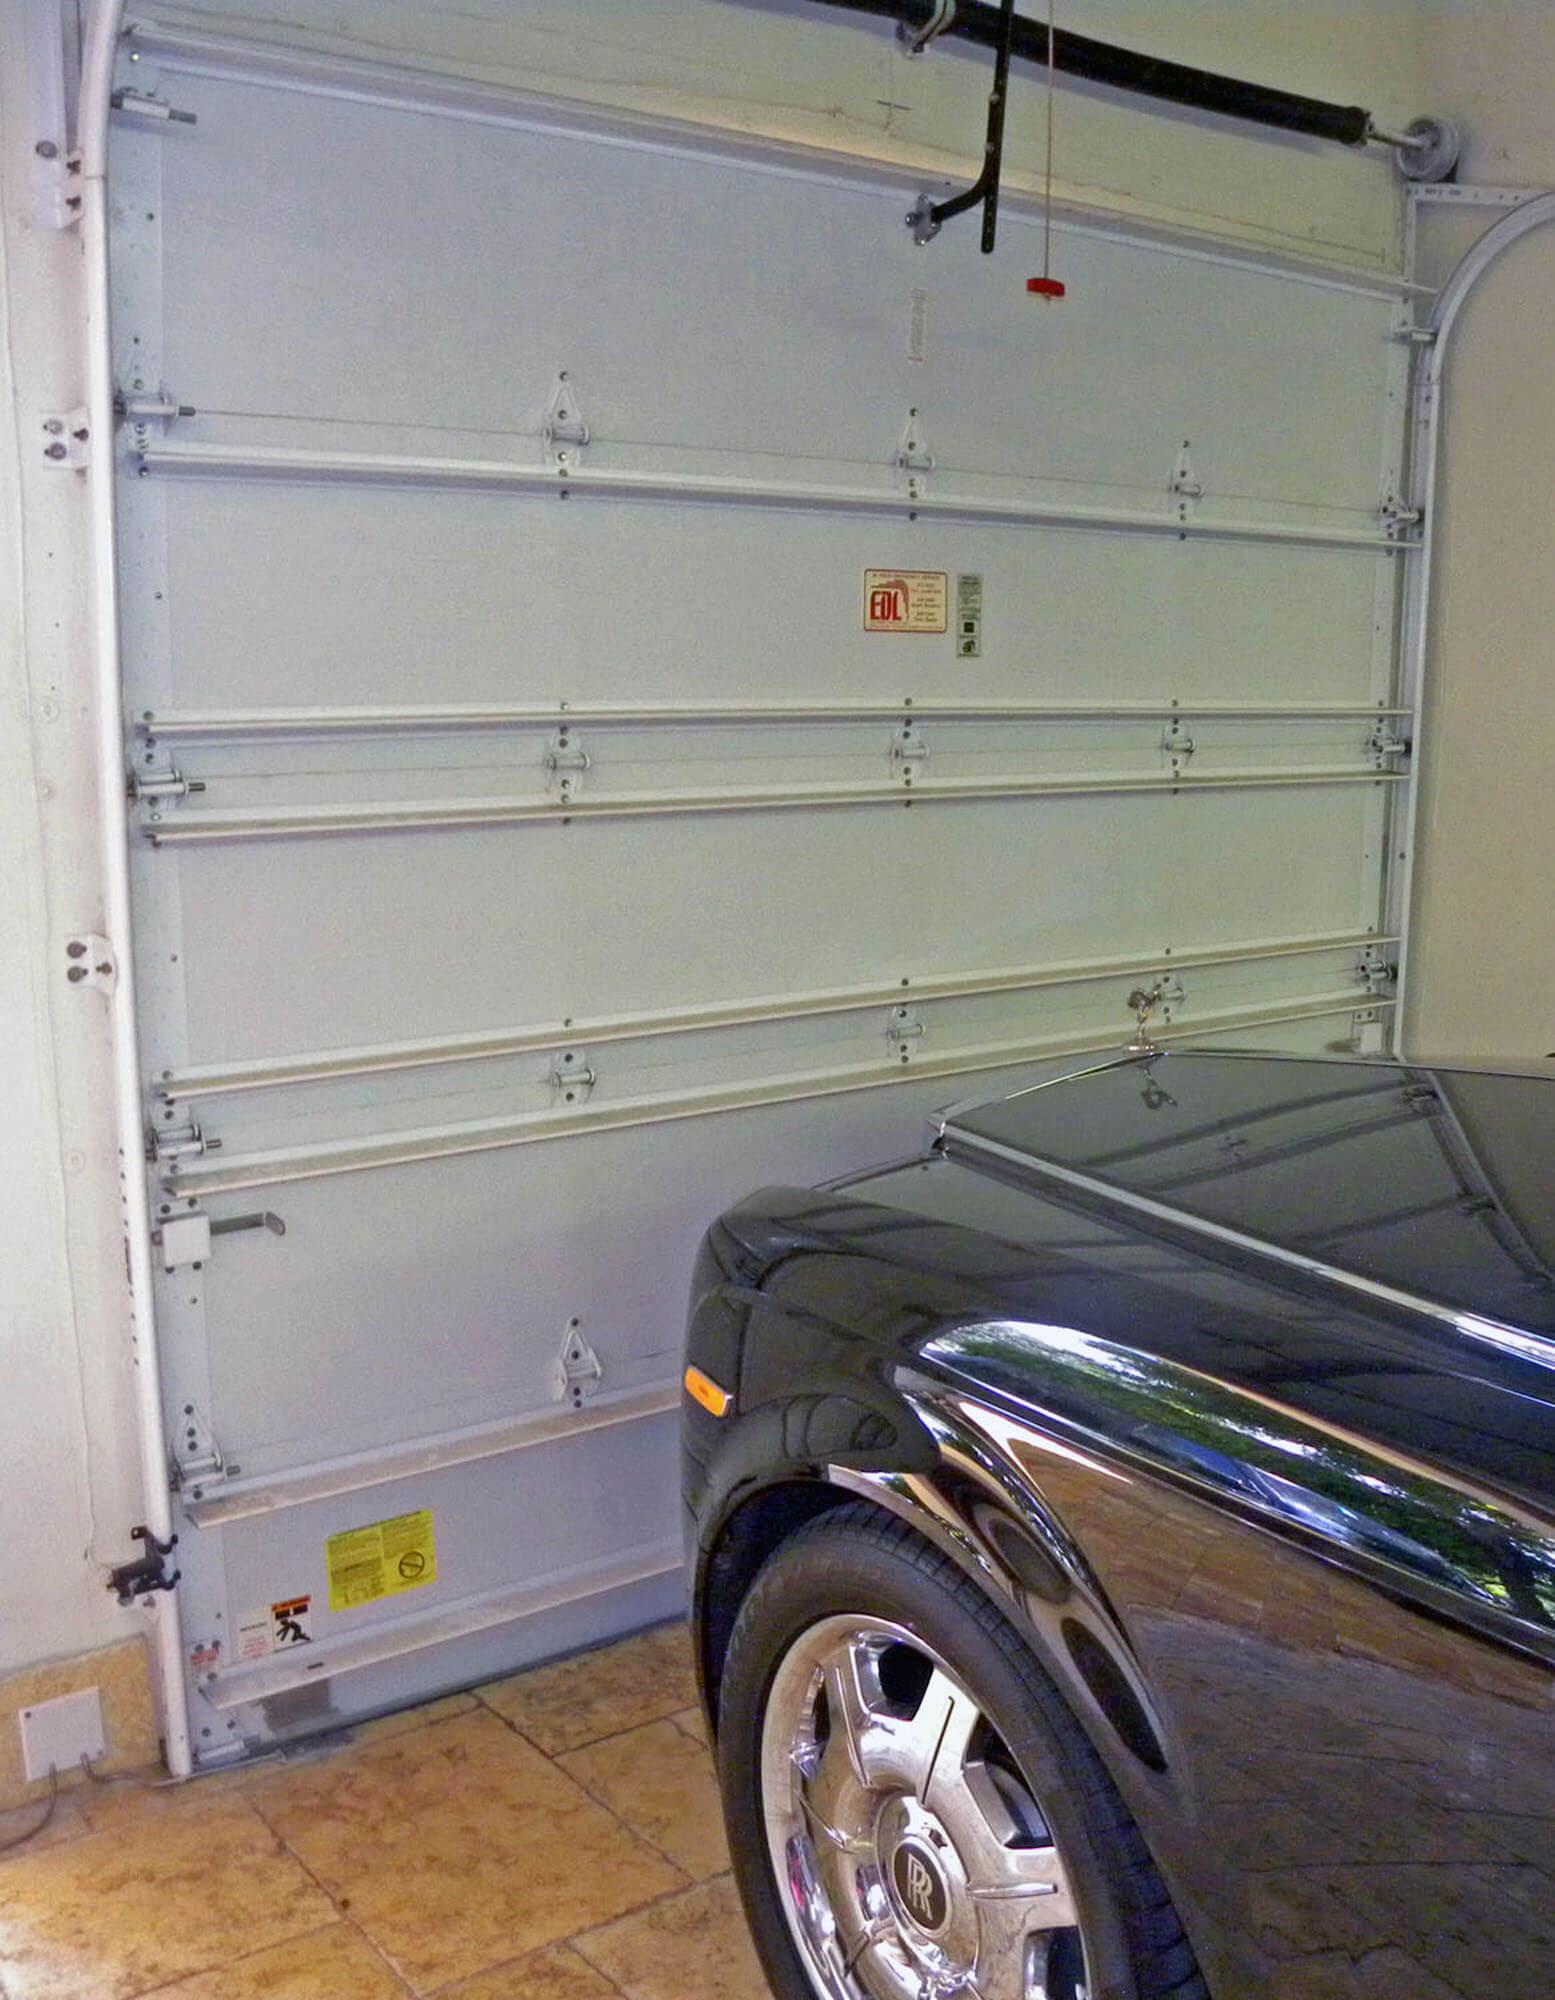 LAS OLAS INTERIOR OF GARAGE DOOR